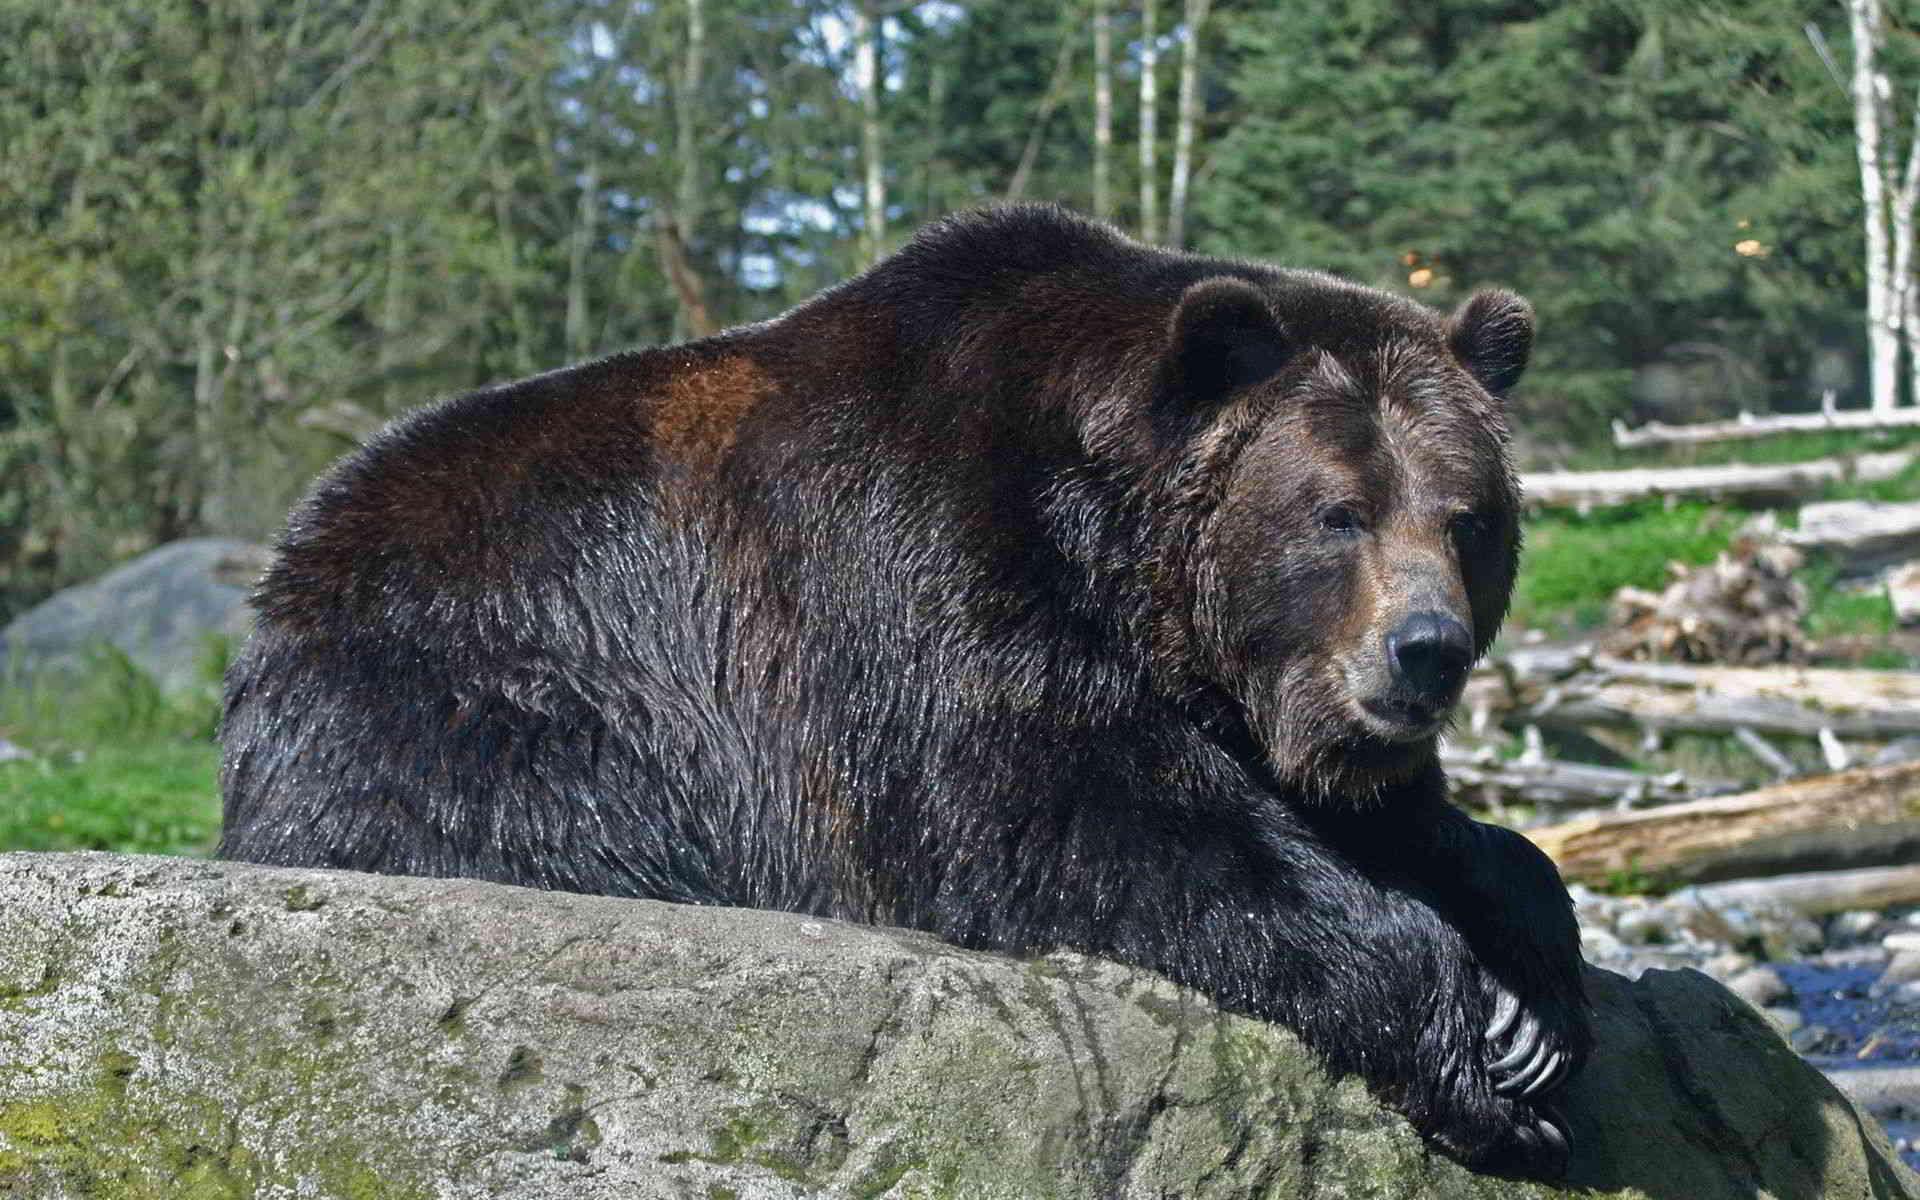 Значение карты № 15 «Медведь» (Десятка треф) – Ленорман